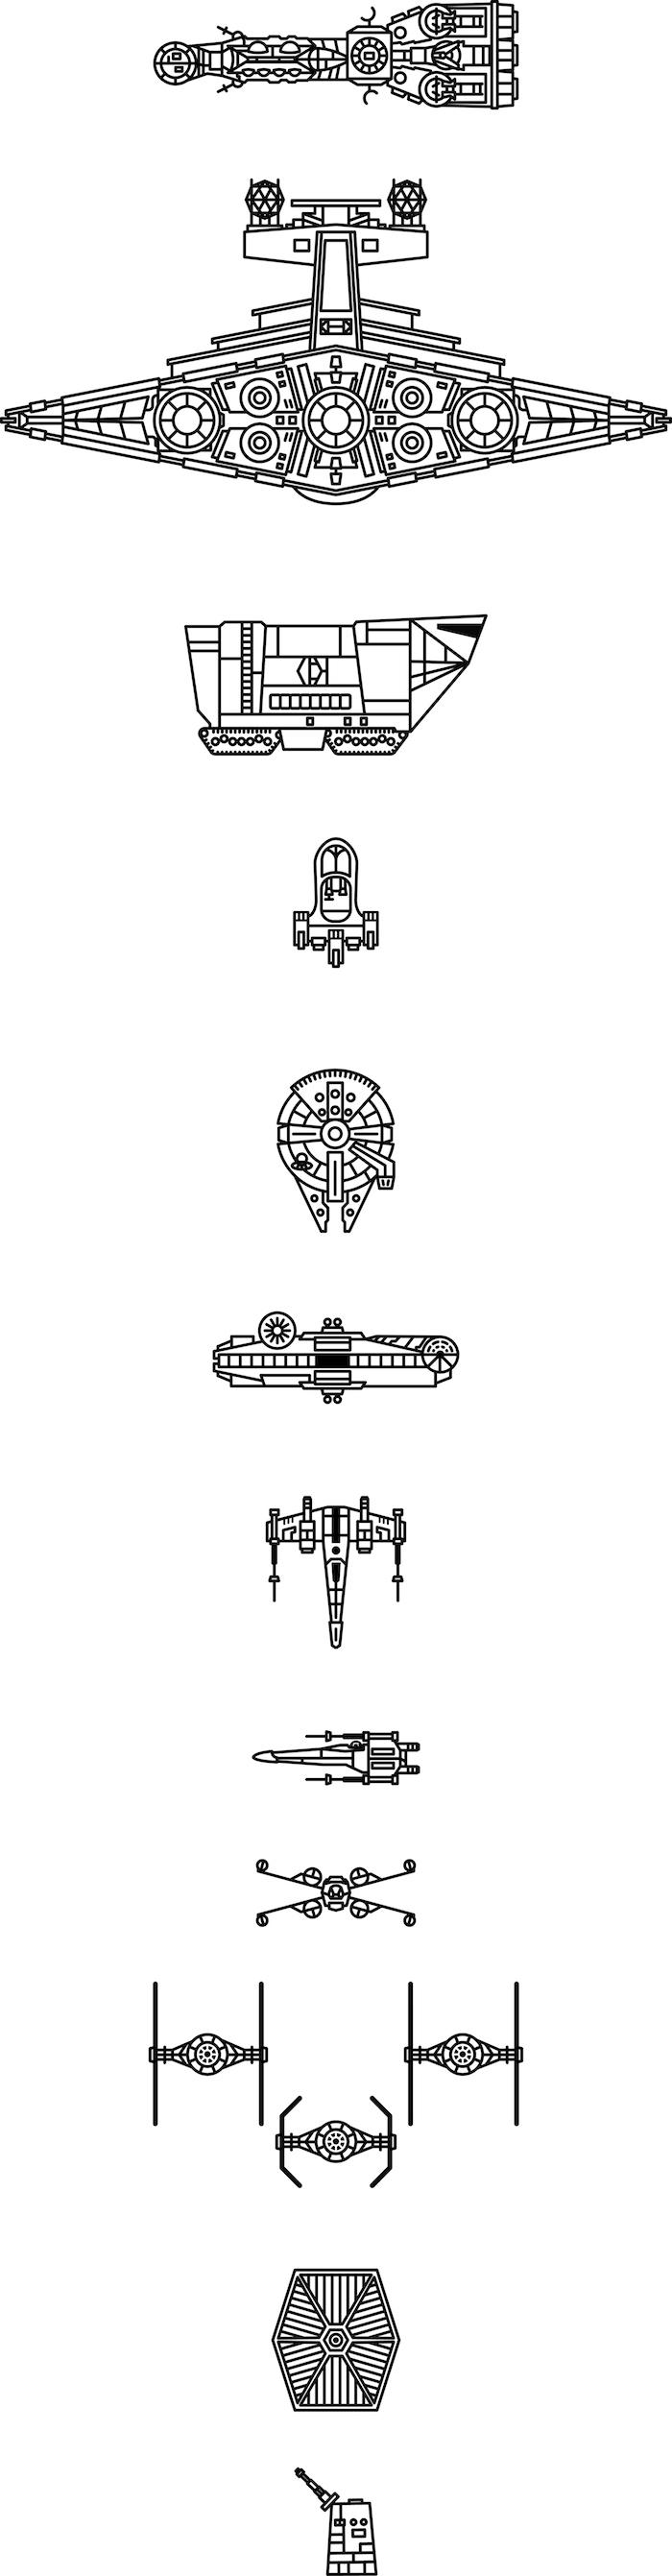 star wars tattoo ideas - kleine und große schwarze fliegende star wars raumschiffe